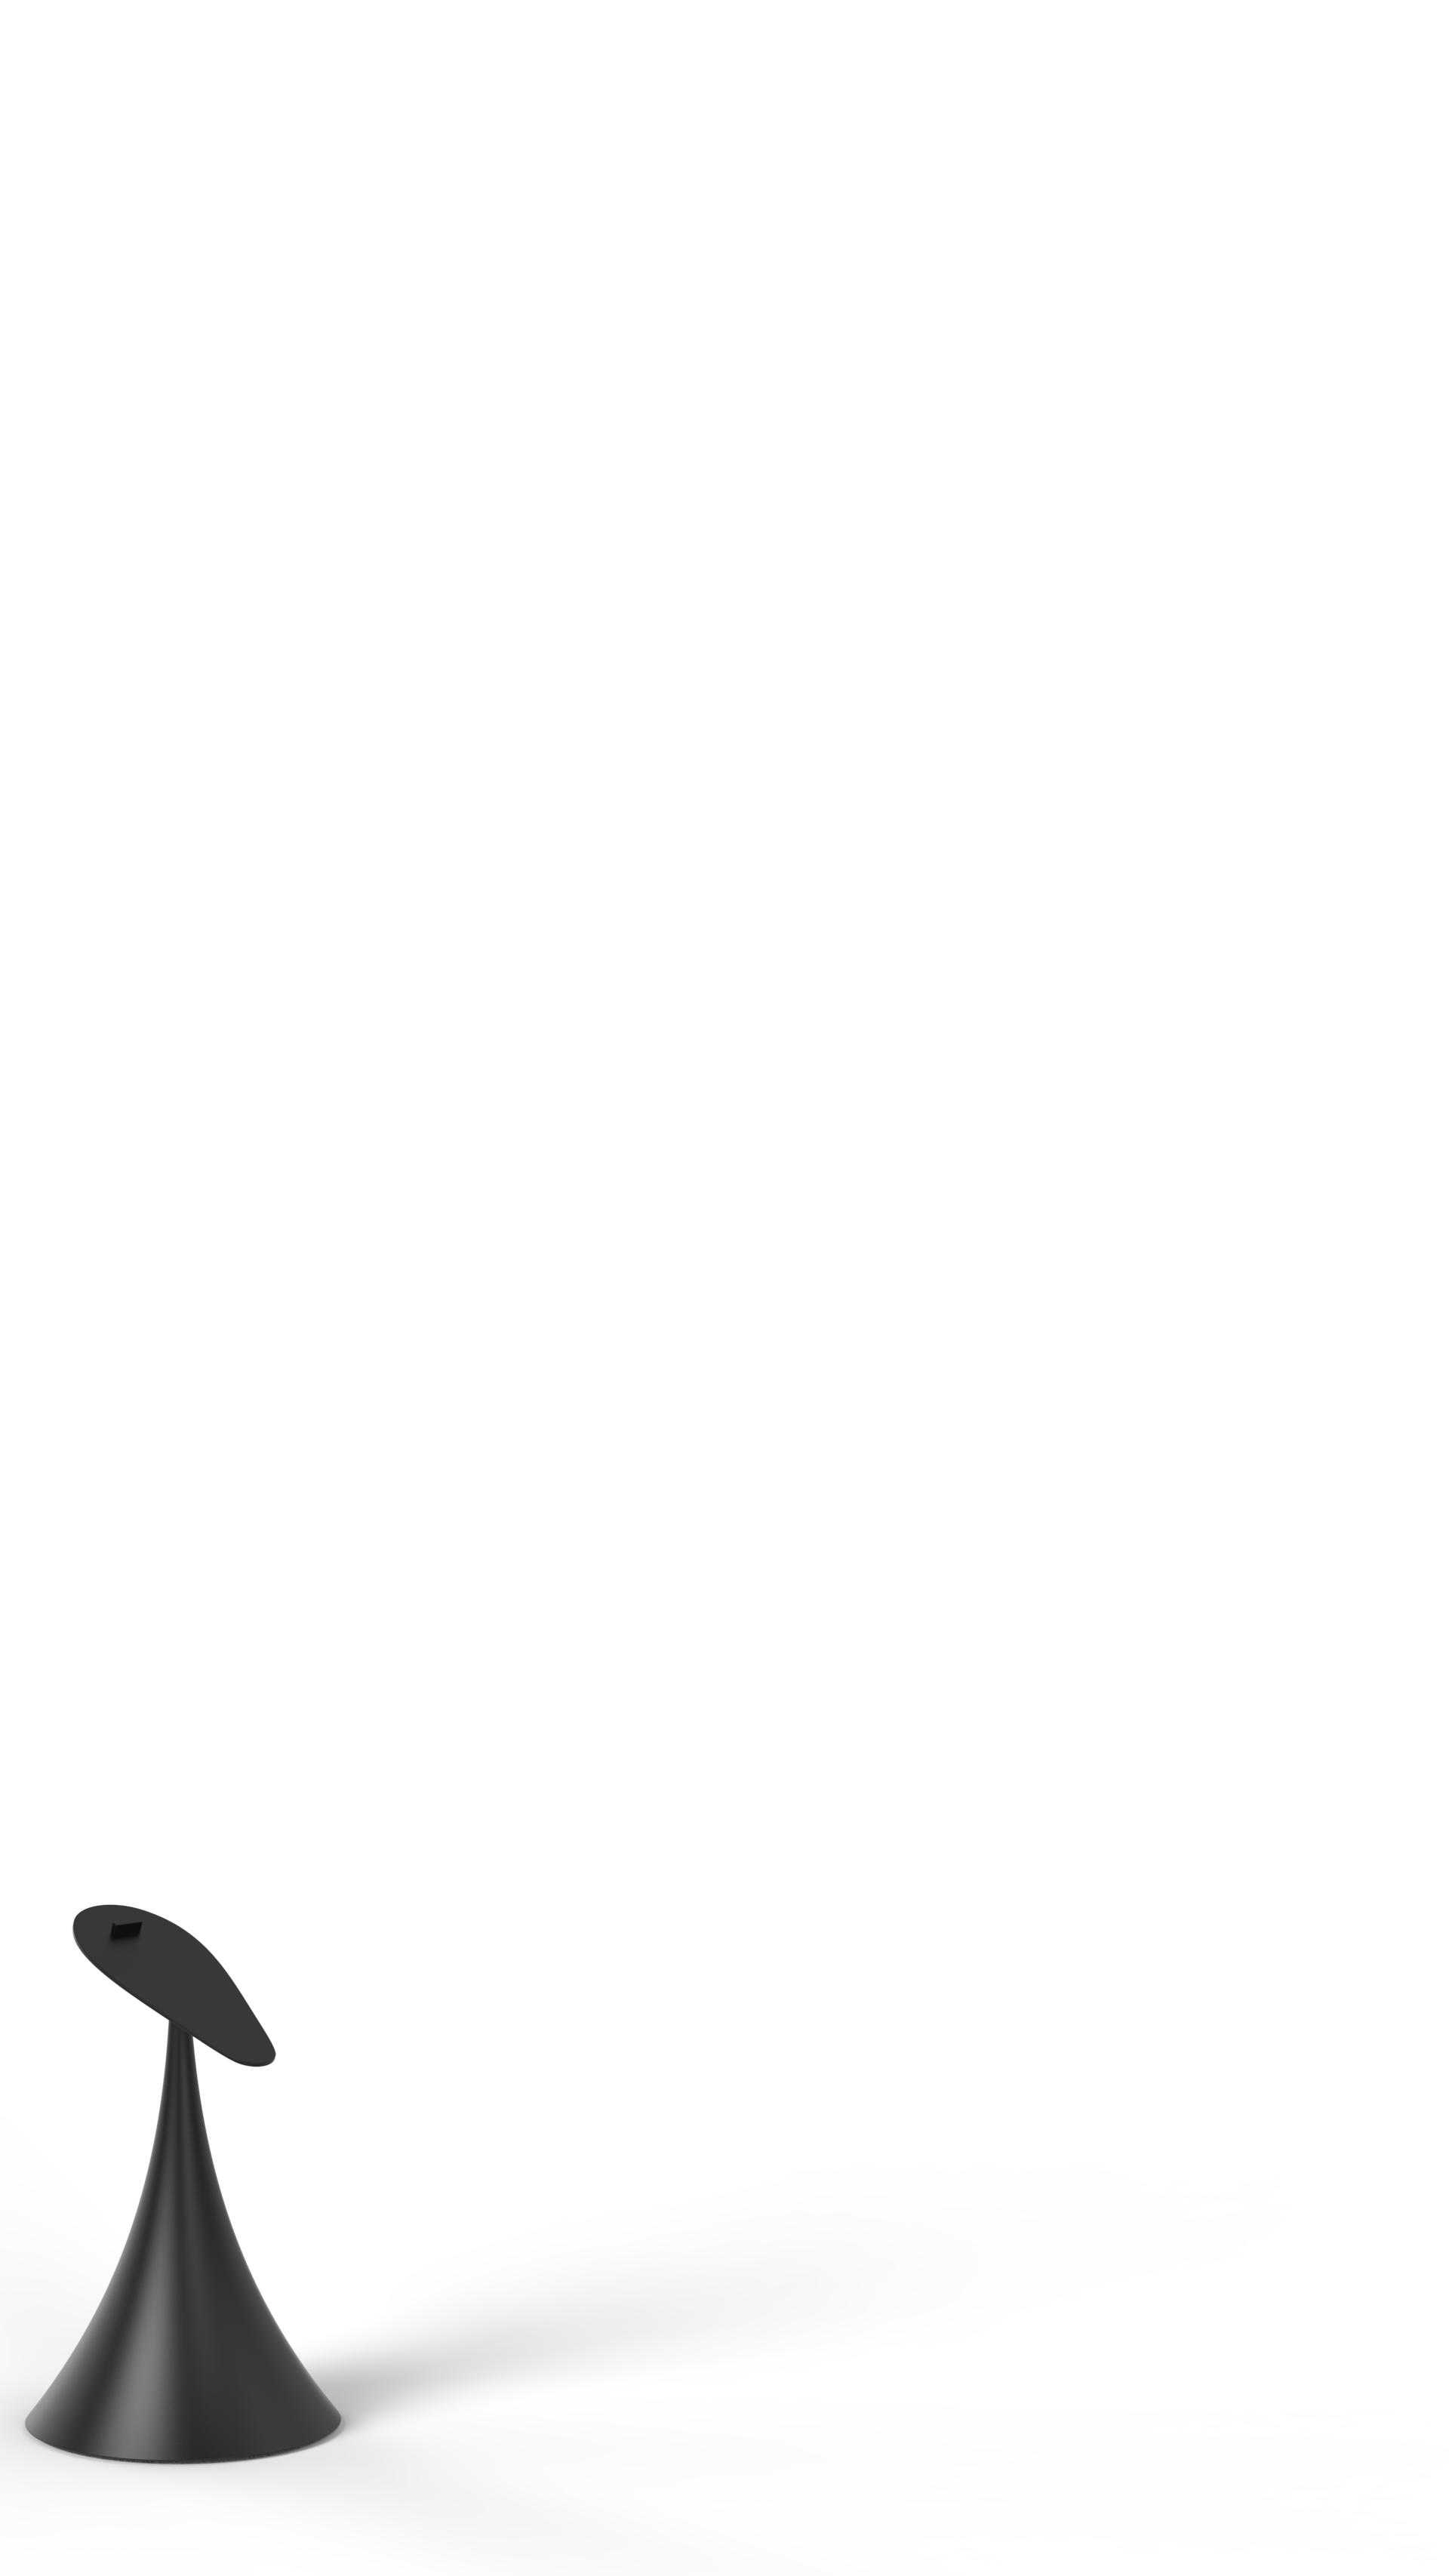 AUSPC20 Présentoir pour chaussure SAINT-HONORÉ PARIS